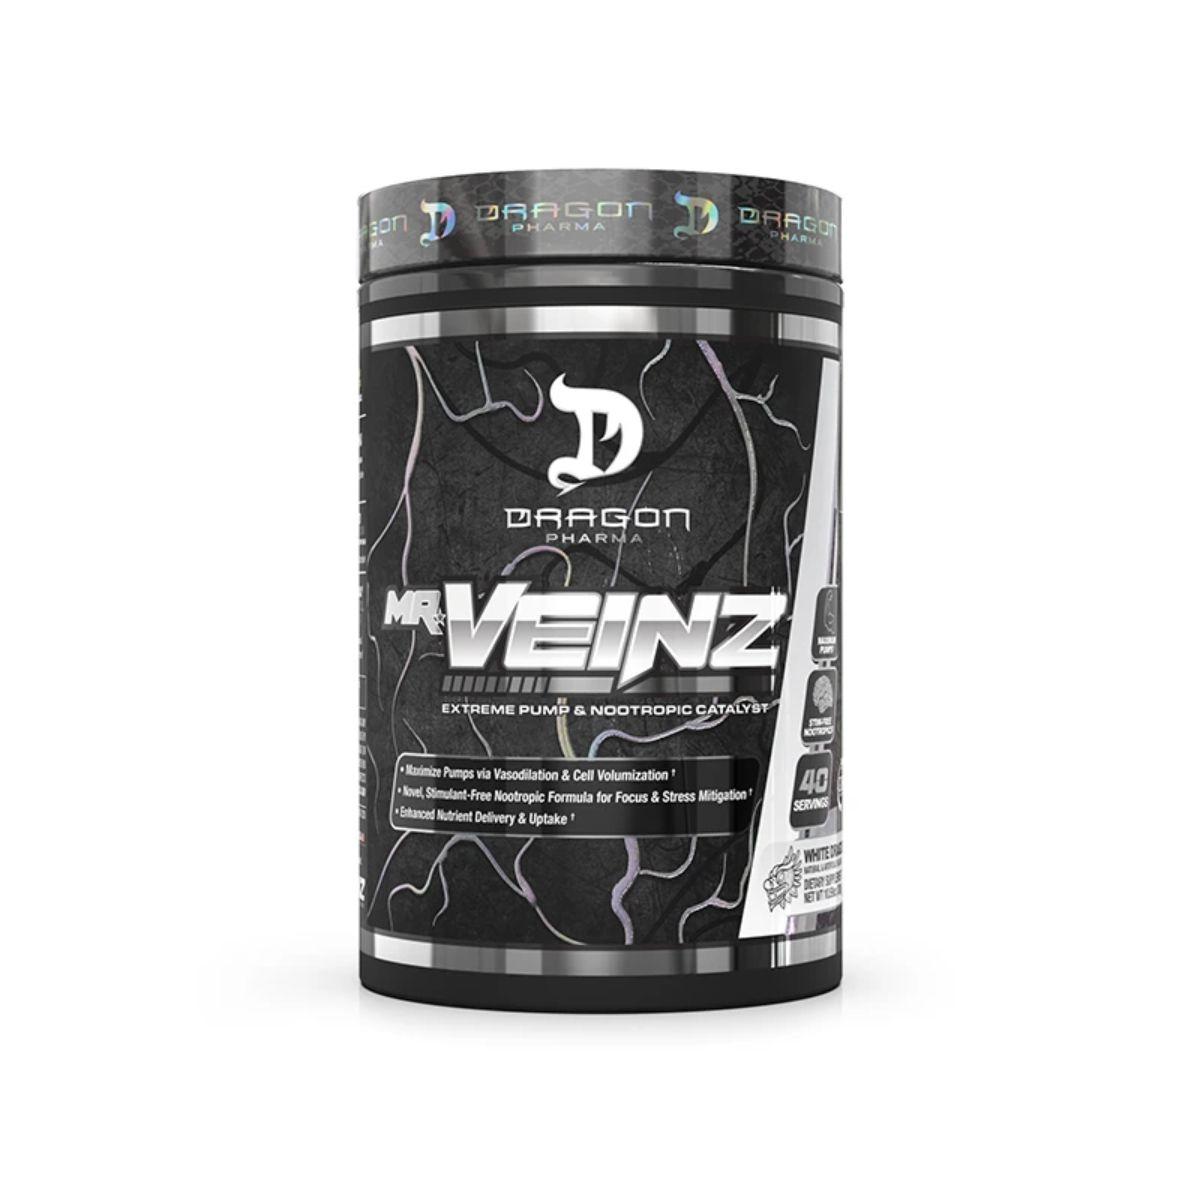 Novo Pré-Treino  MR. Veinz 40 Doses 300G - Dragon Pharma